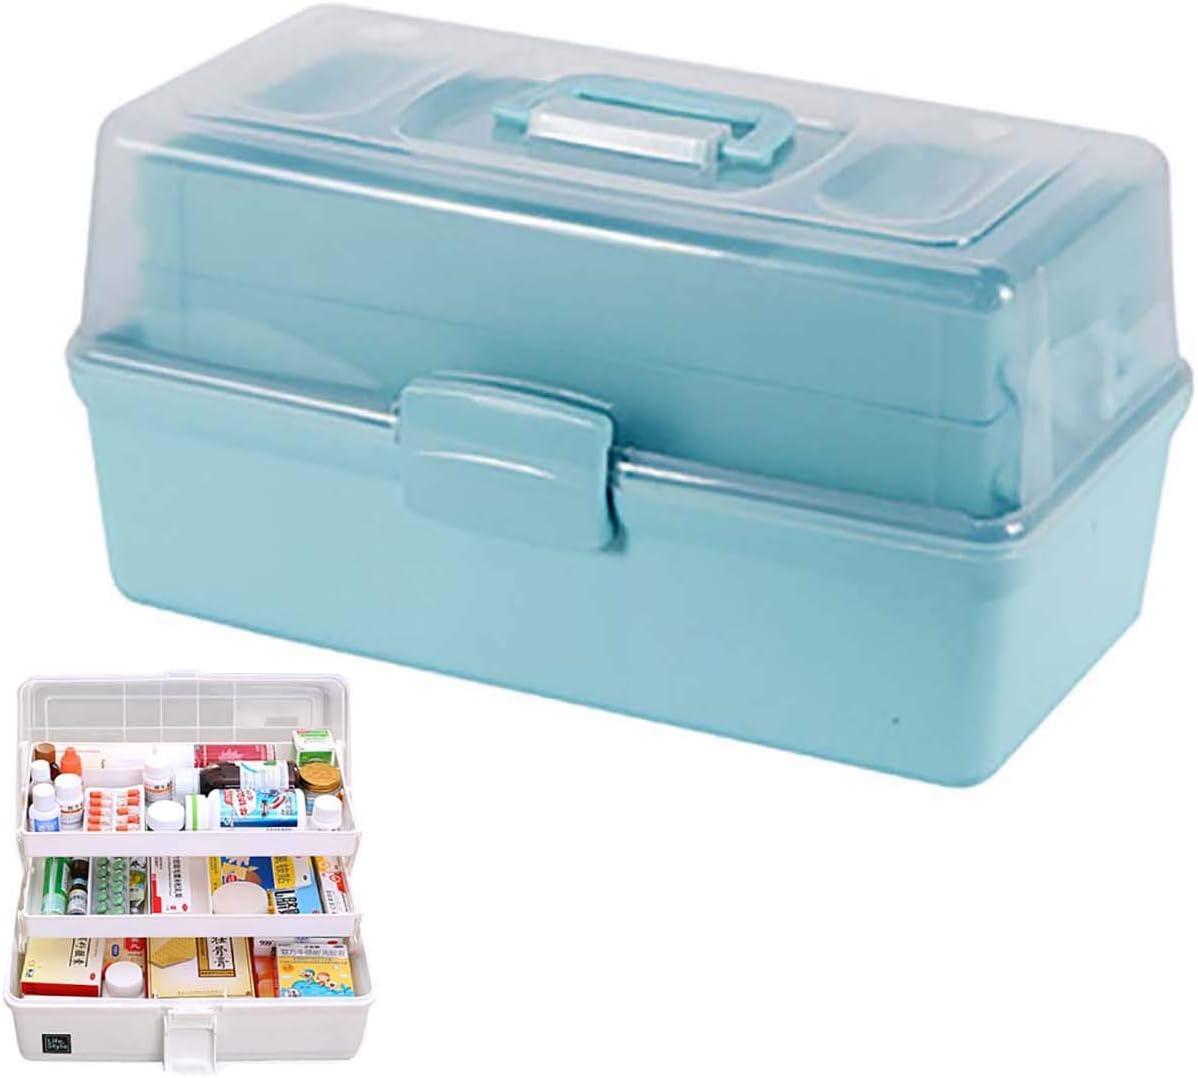 FengHuiHome Organizador de la Caja de Almacenamiento Cajas de medicamentos Kit de Emergencia Familiar Primeros Auxilios Contenedor Transparente